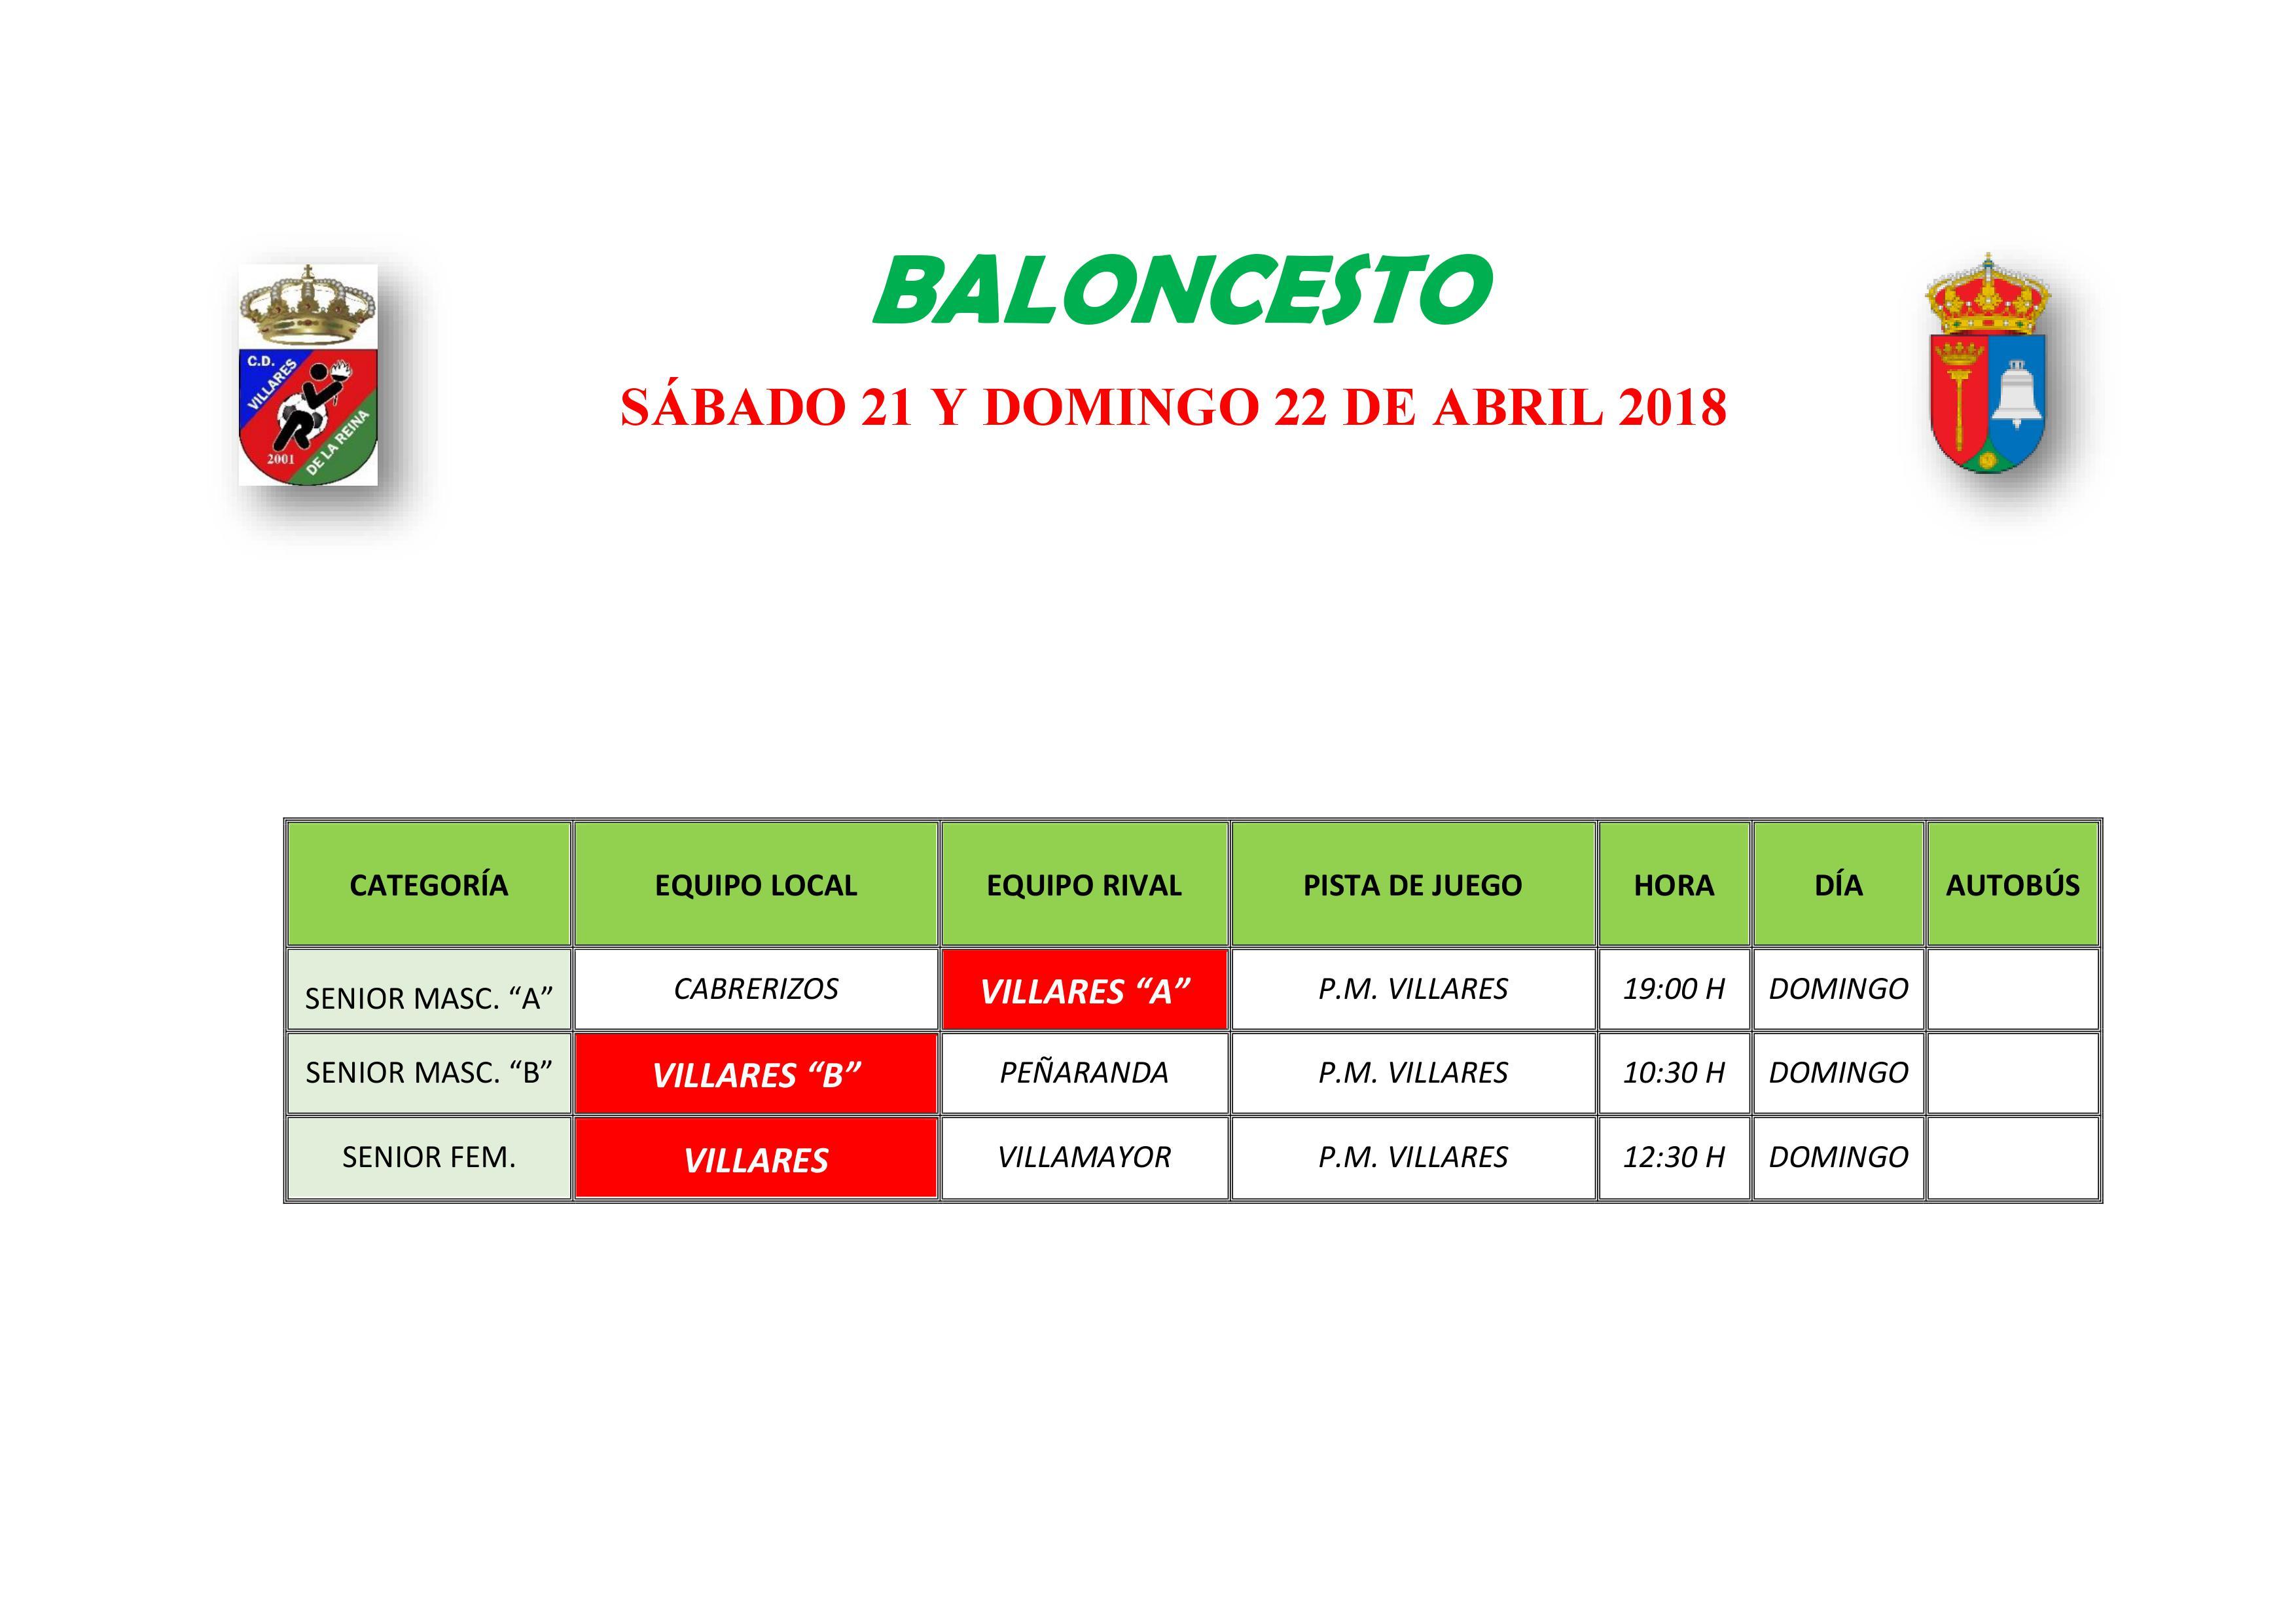 HORARIO BALONCESTO 19 Y 20 DE MAYO